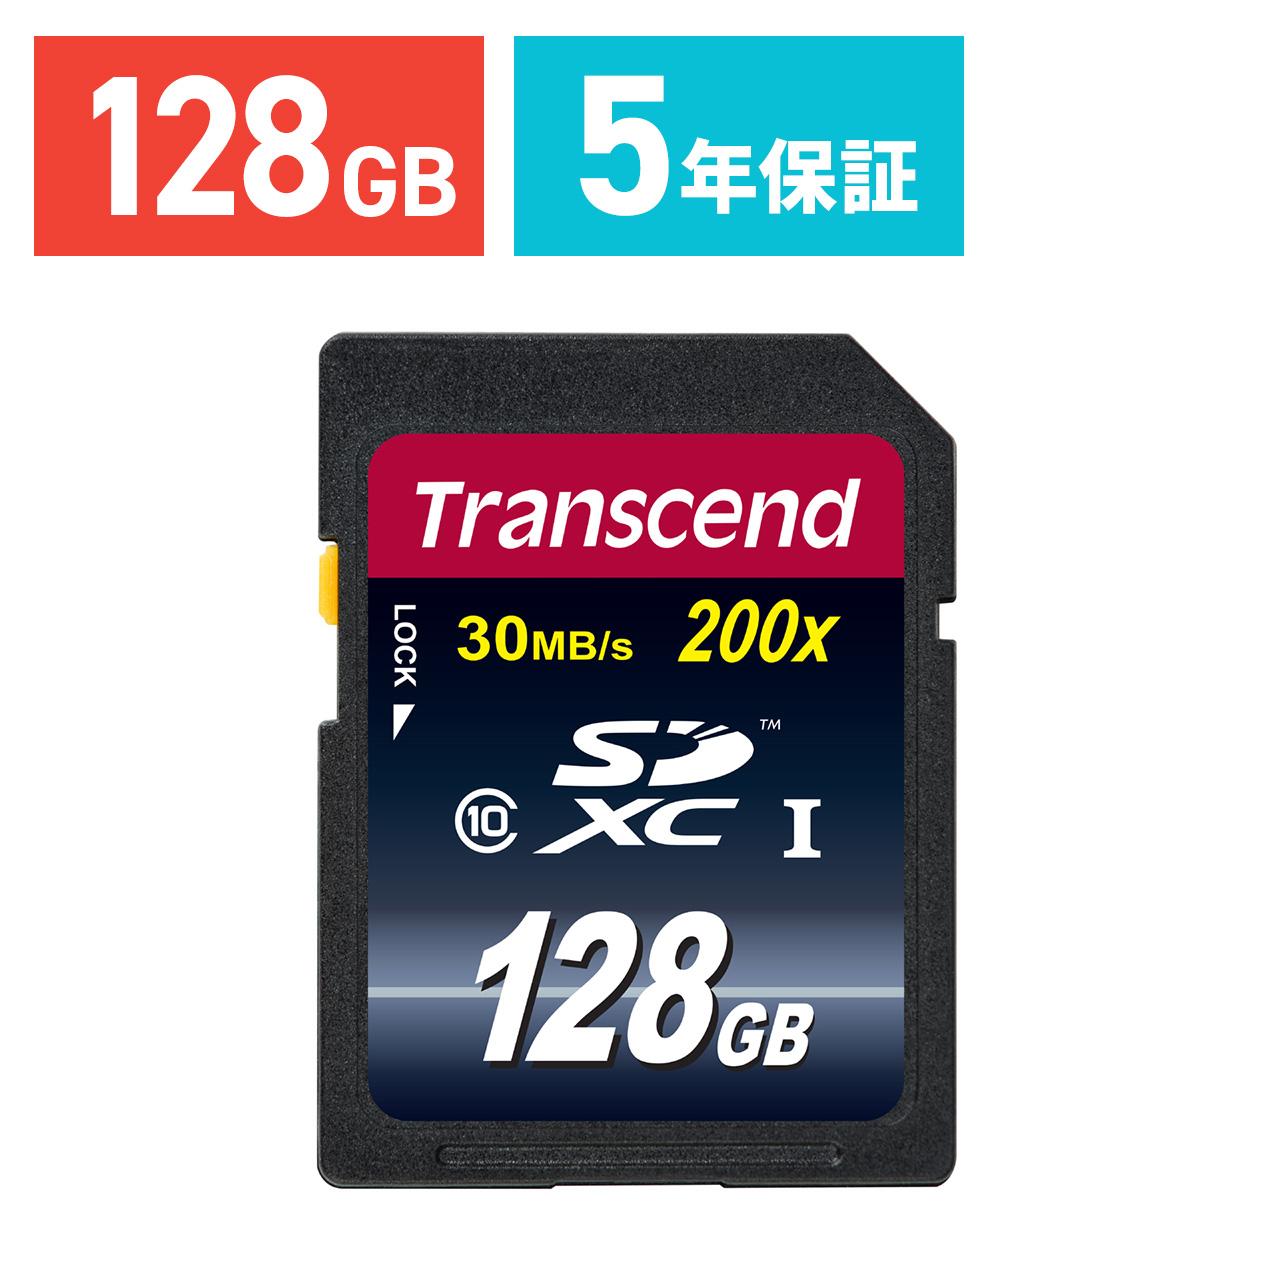 TS128GSDXC10 ネコポス対応 Transcend SDカード 128GB Class10 入学 クラス10 メモリーカード SDXC 卒業 5年保証 最新アイテム 超特価SALE開催